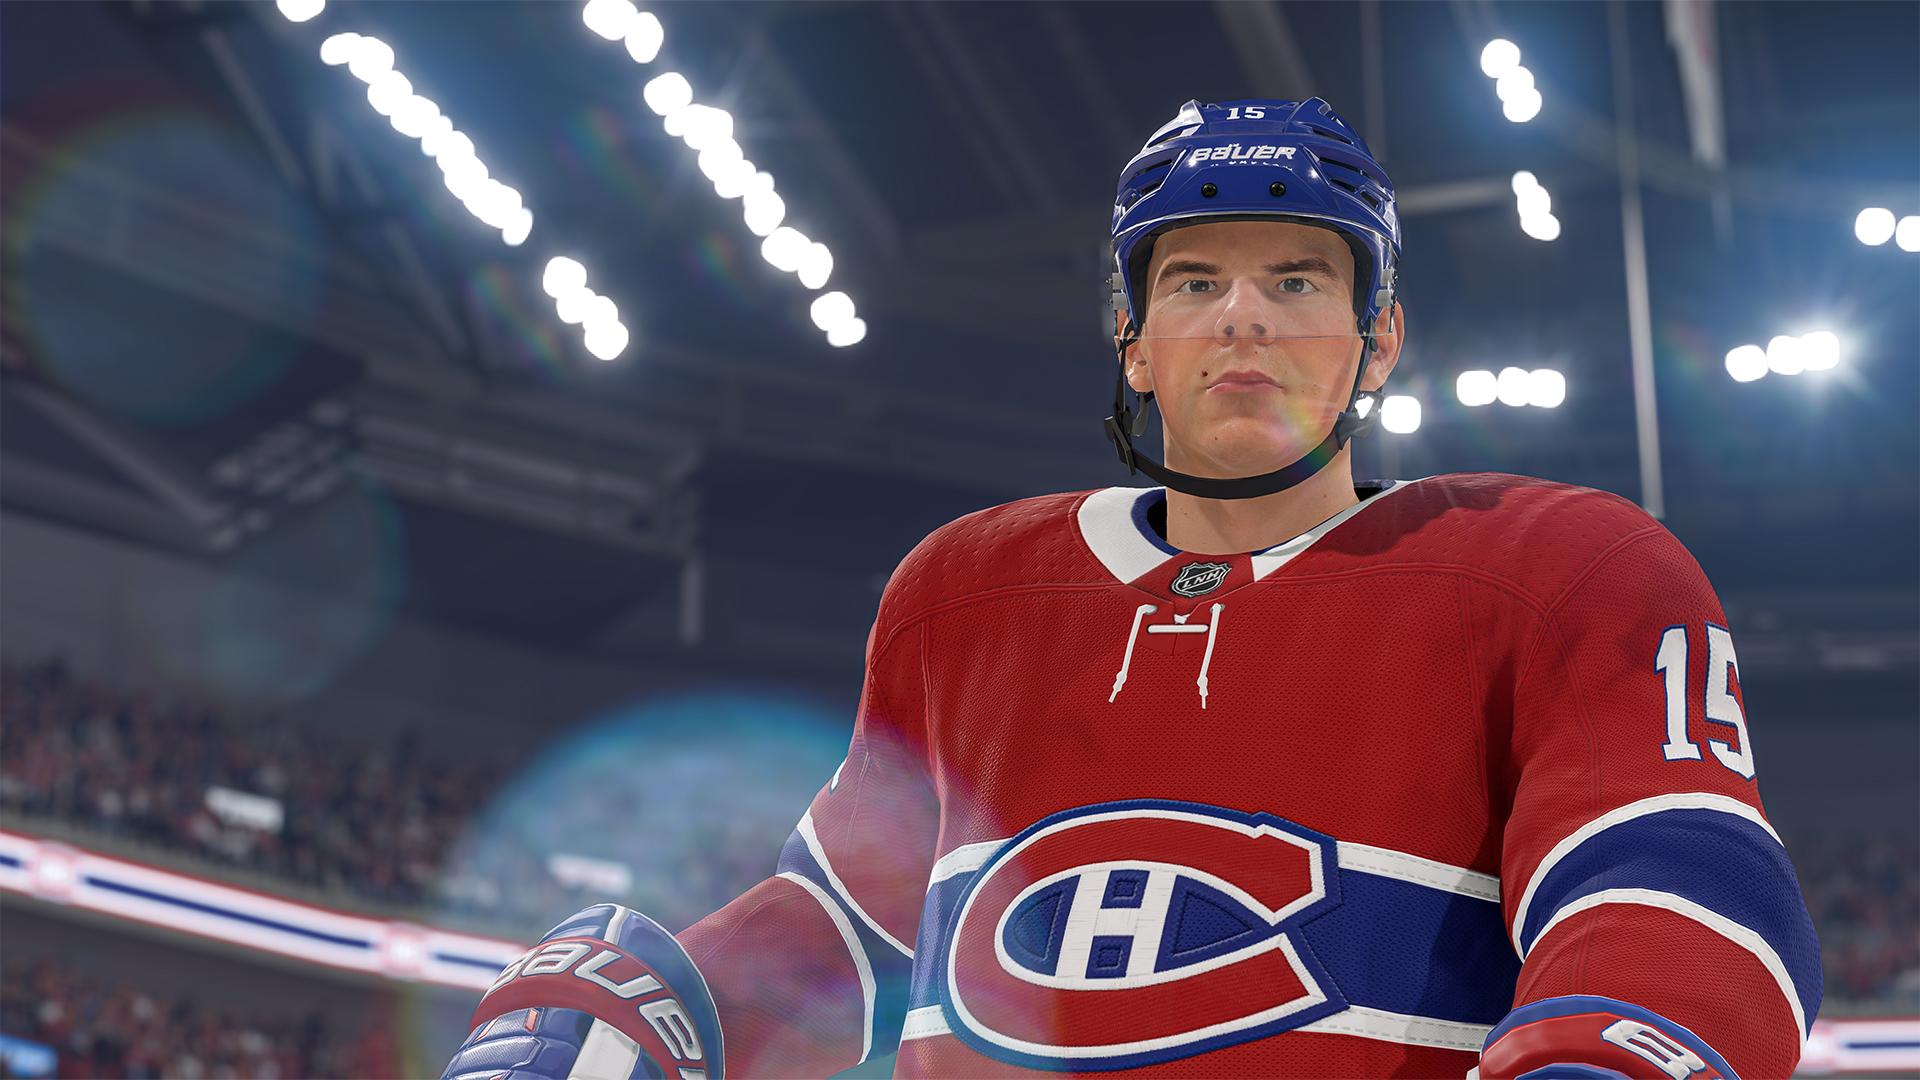 NHL 22 Kotkaniemi